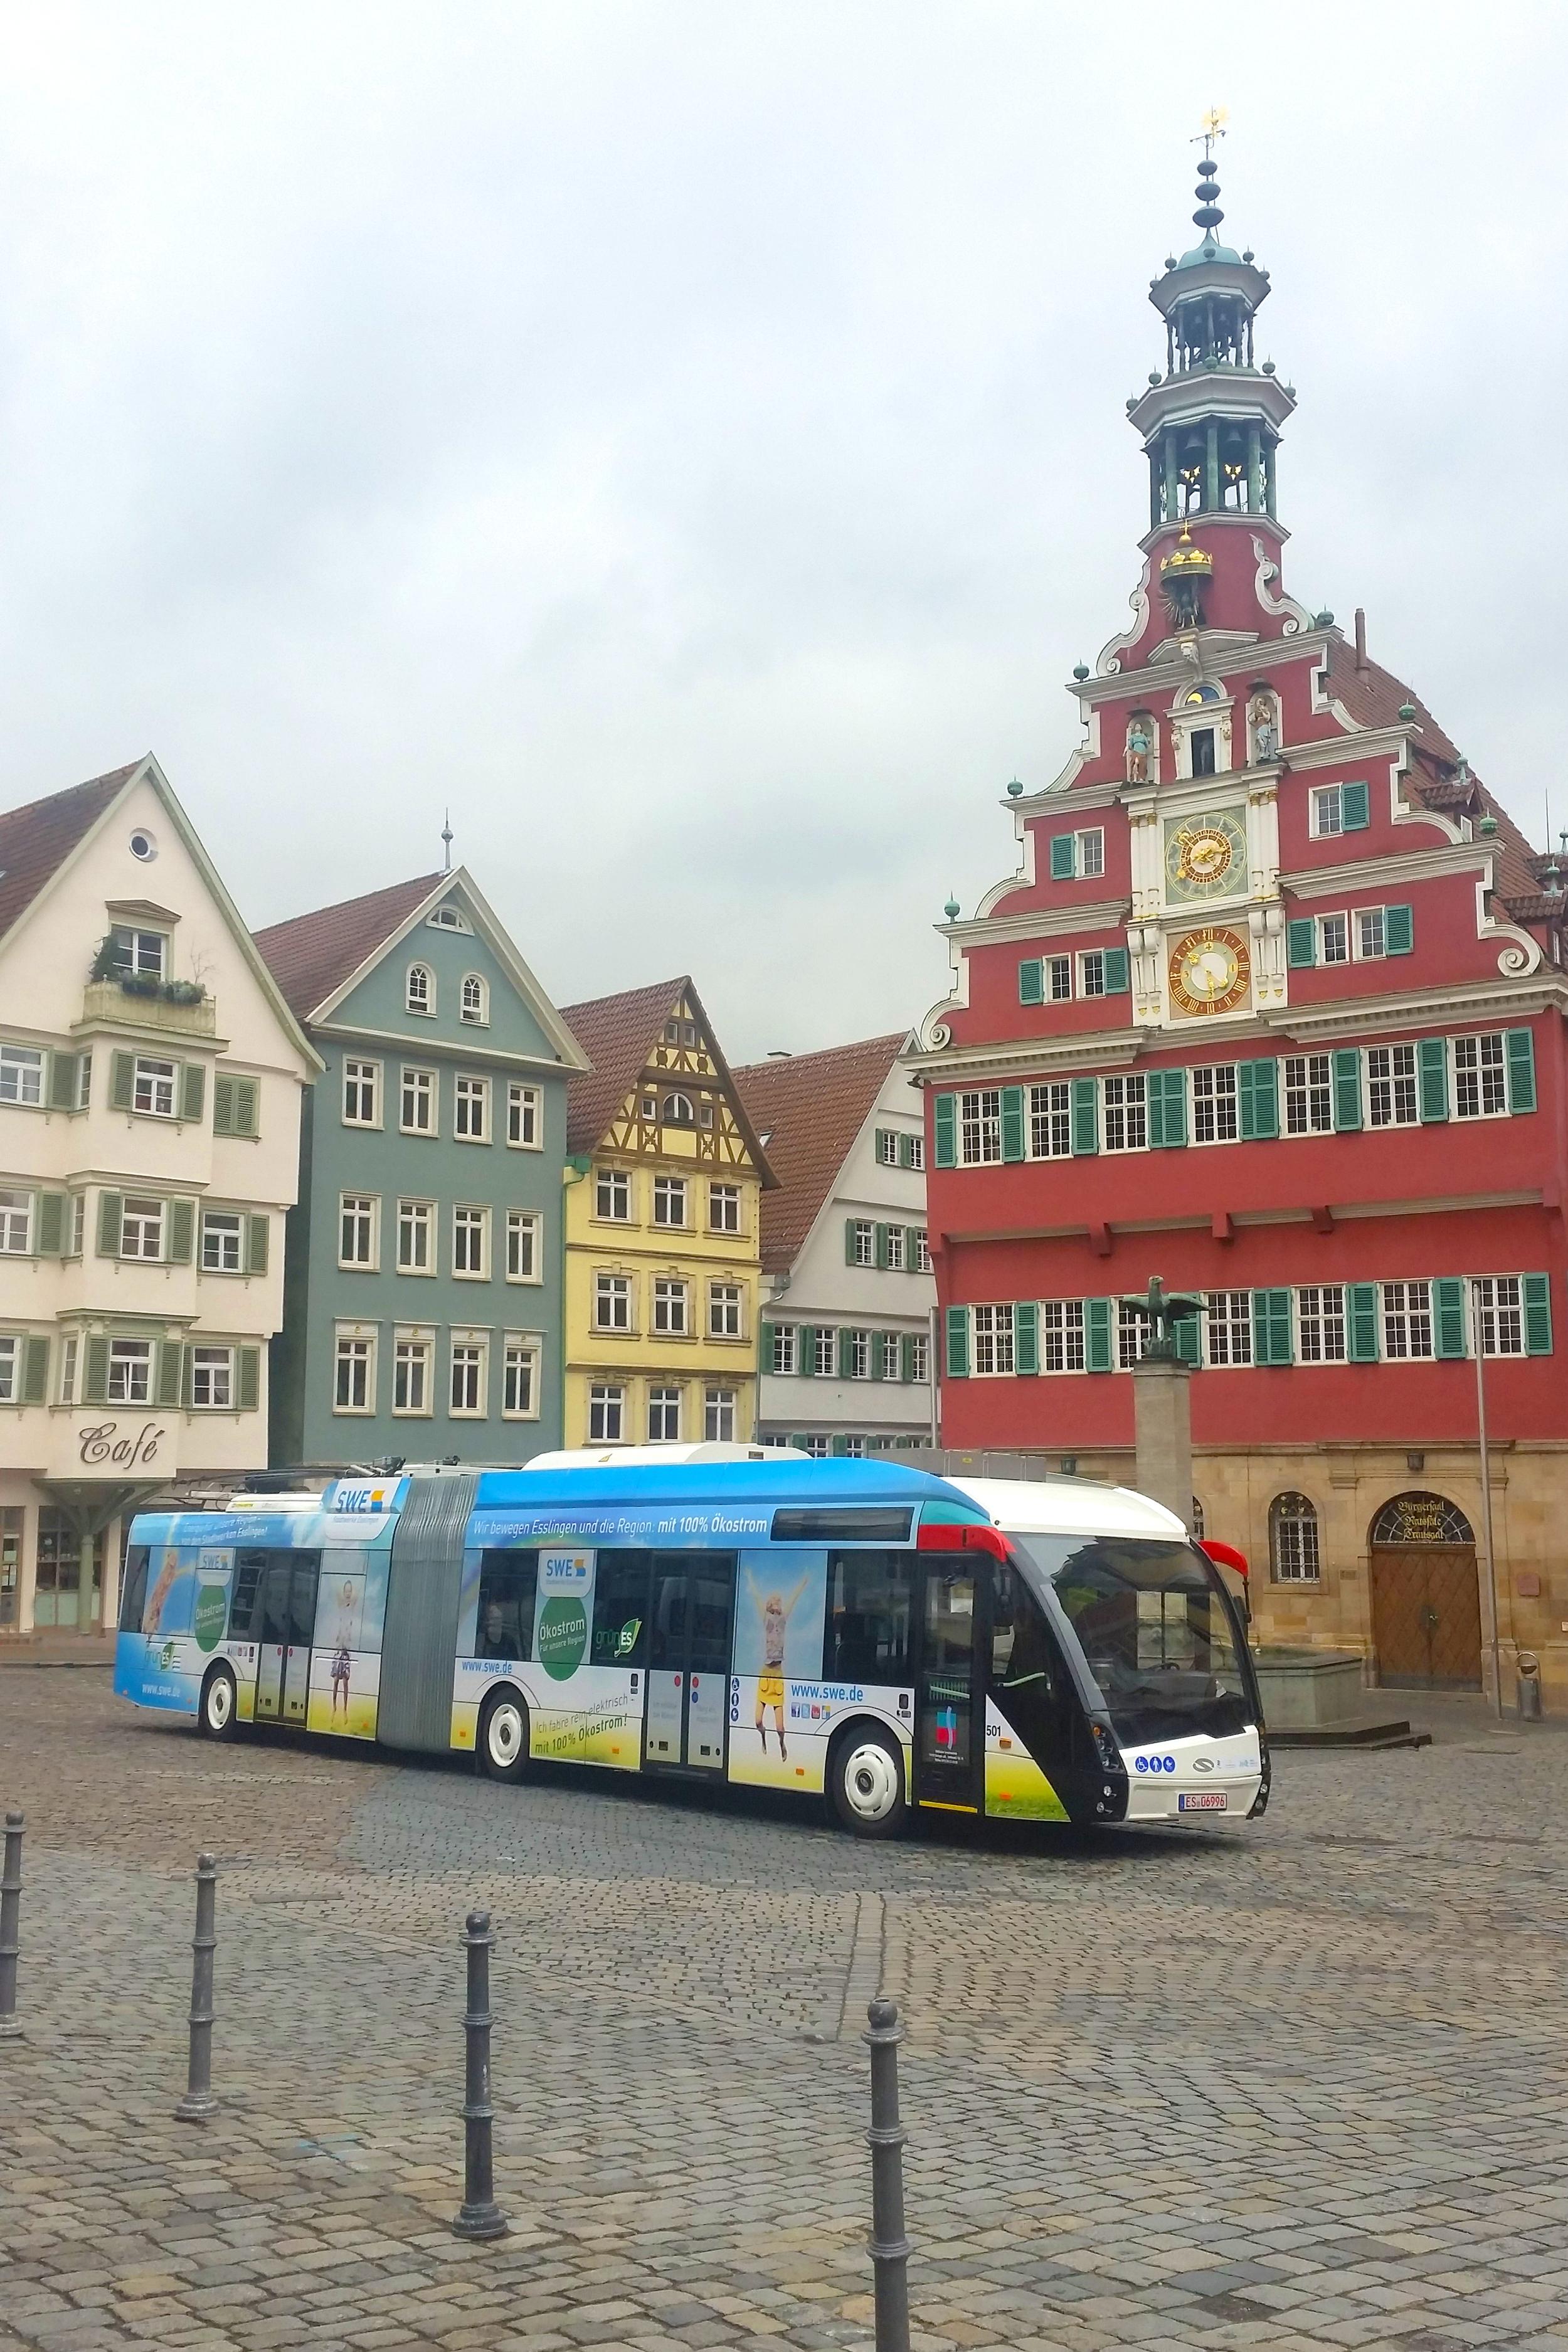 Prototypový trolejbus Solaris Trollino 18,75 na náměstí v Esslingenu. (foto: Solaris Bus & Coach)